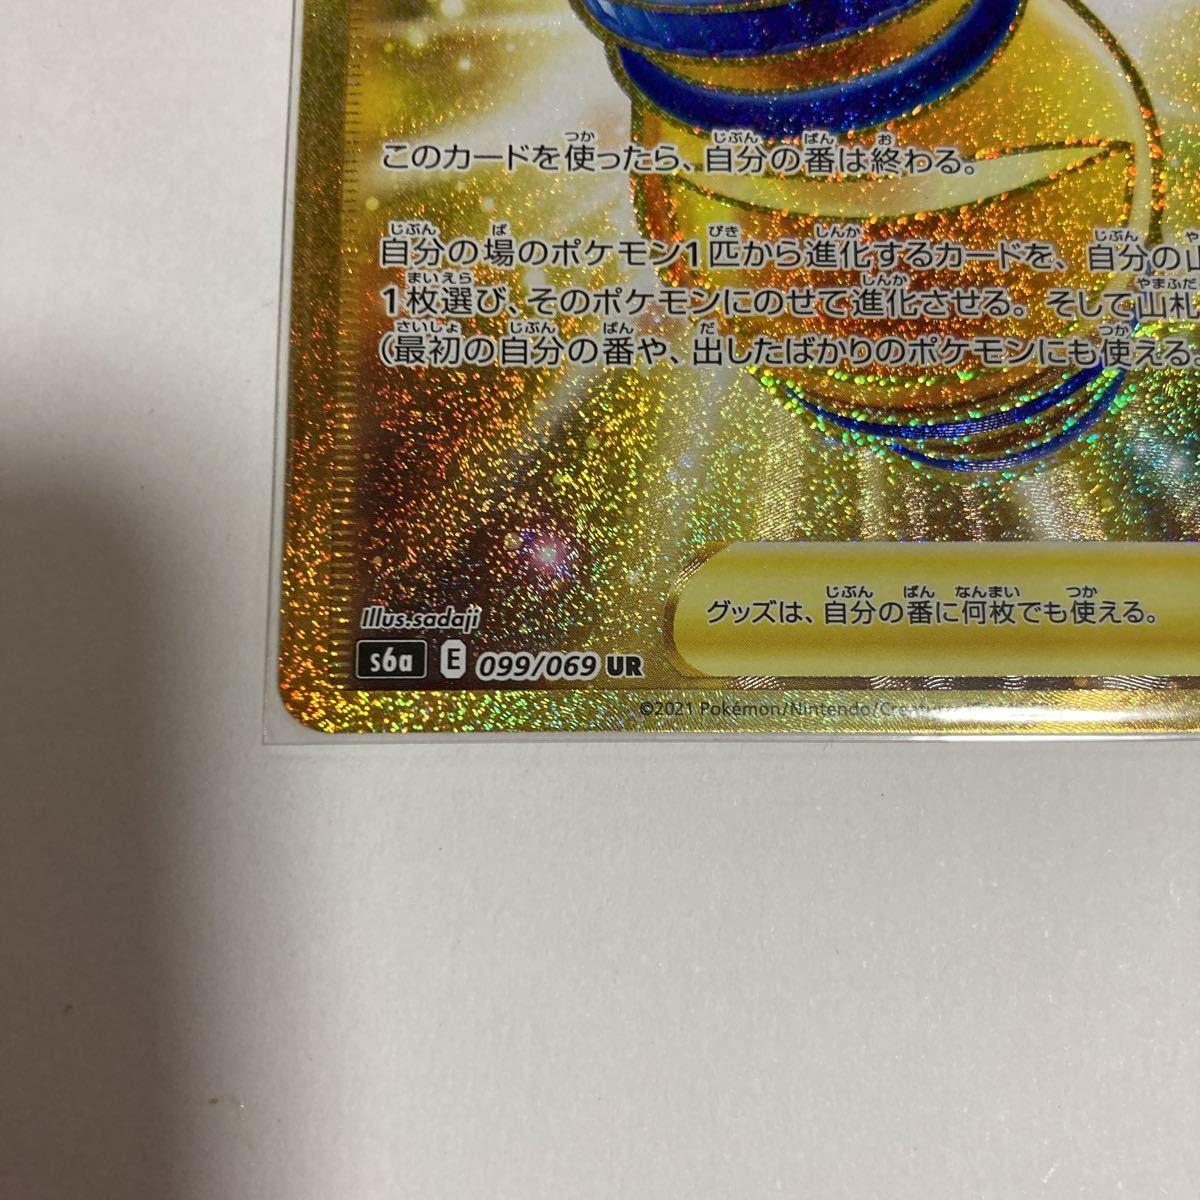 ぐんぐんシェイク UR ウルトラレア 099/069 s6a イーブイヒーローズ ポケモンカードゲーム ポケカ_画像5